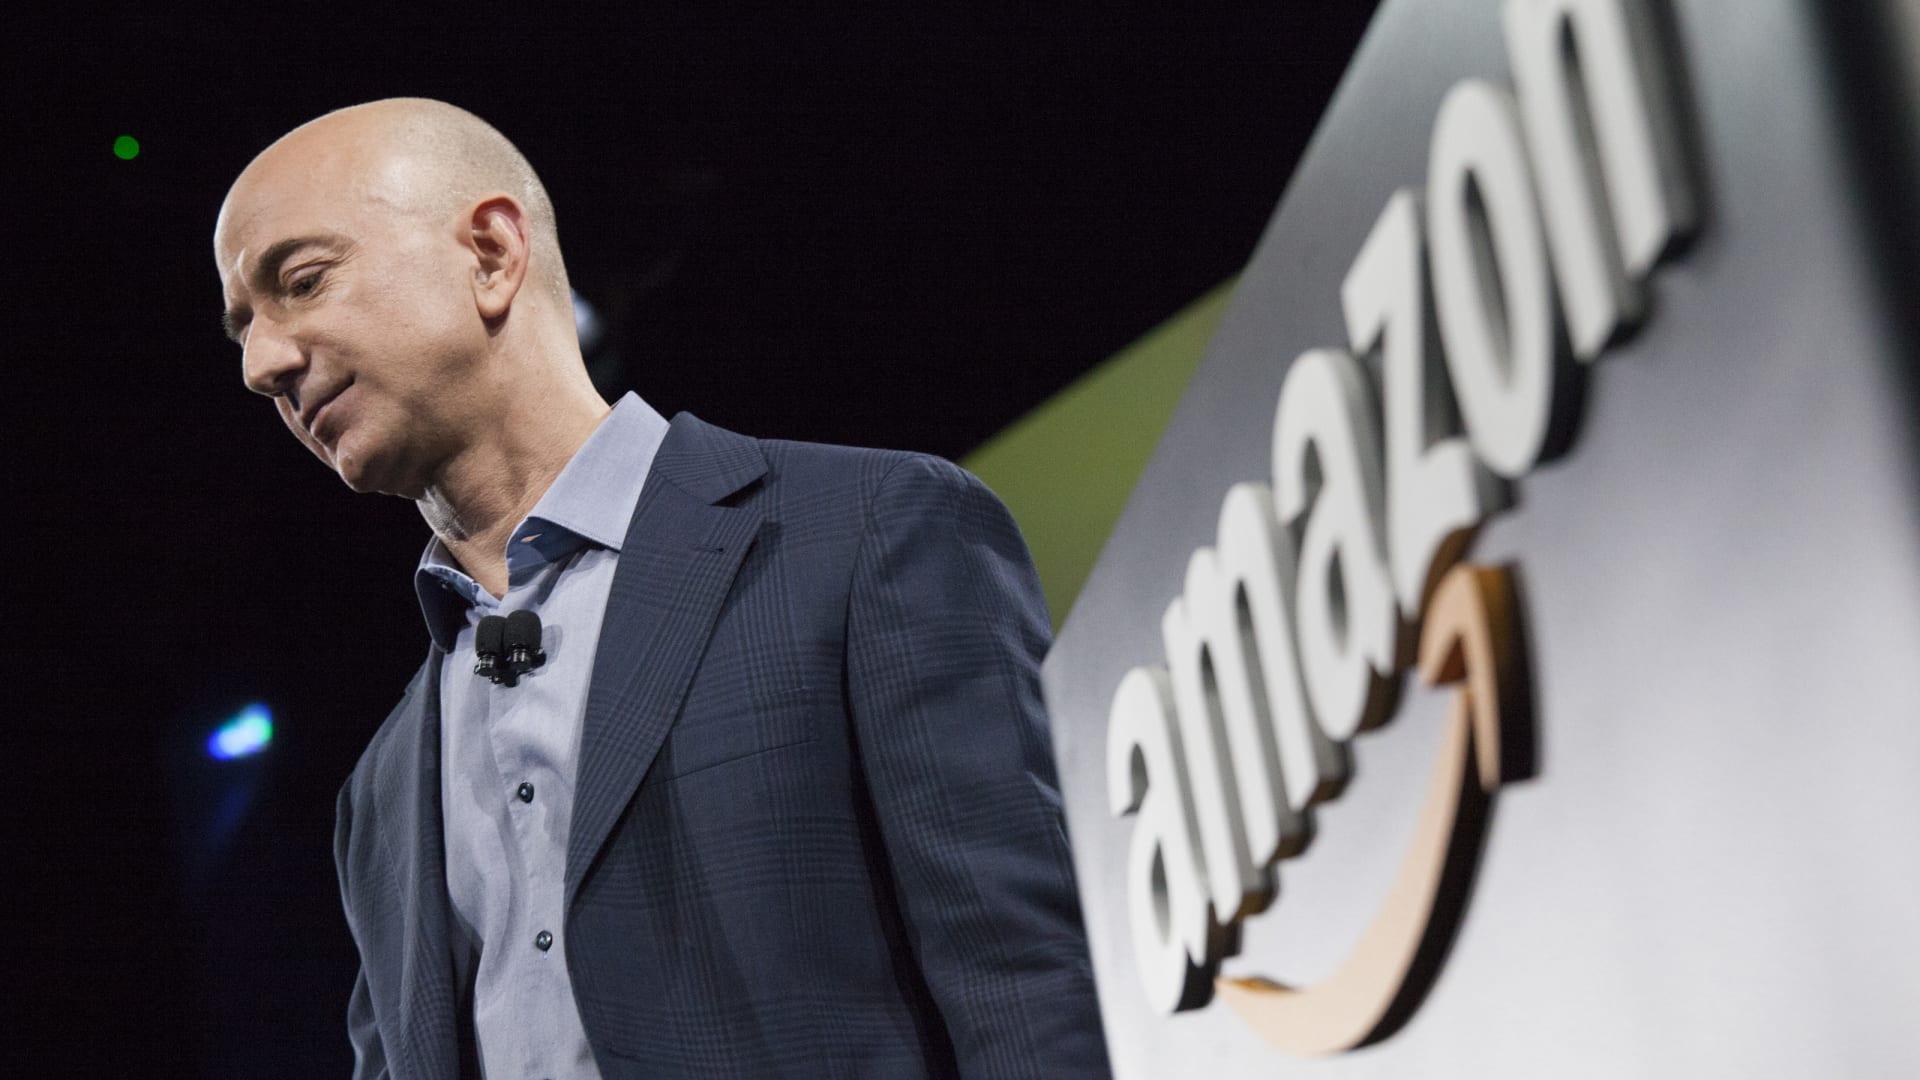 أمازون تتقدم وتصبح أكثر شركات العالم قيمة